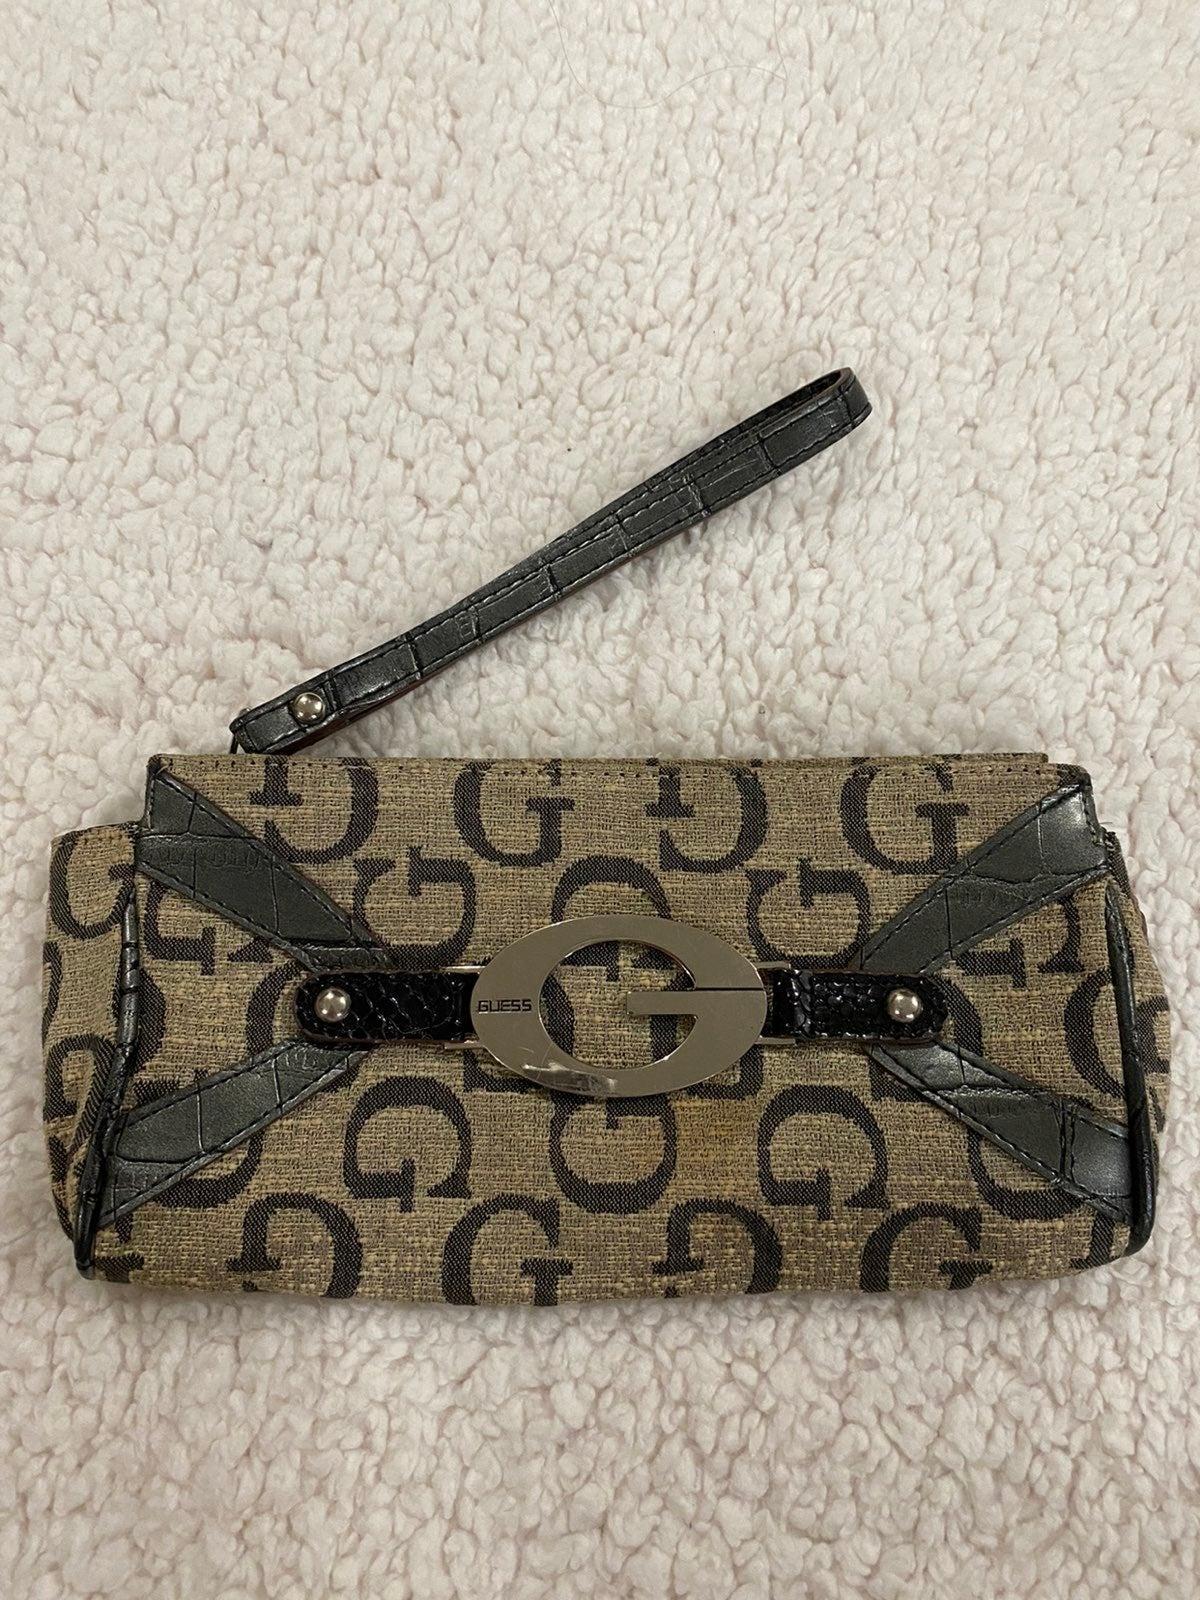 Guess wristlet wallet